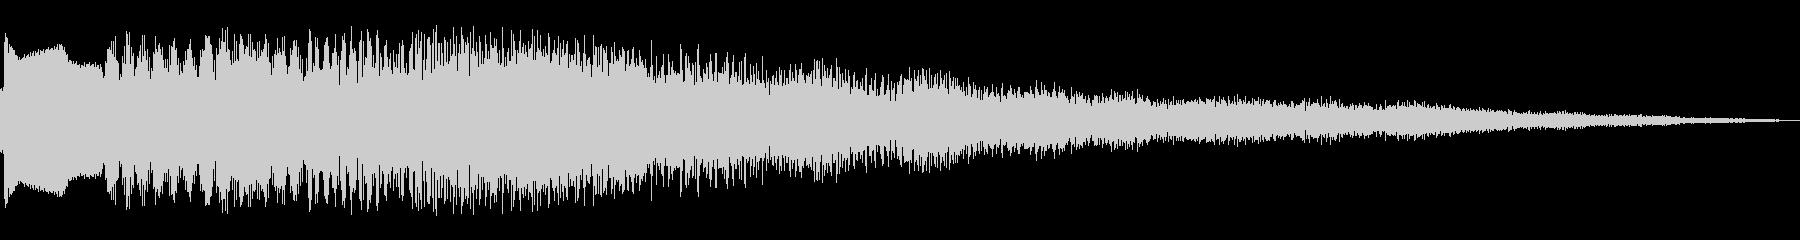 コインやアイテムをゲットした時の音の未再生の波形